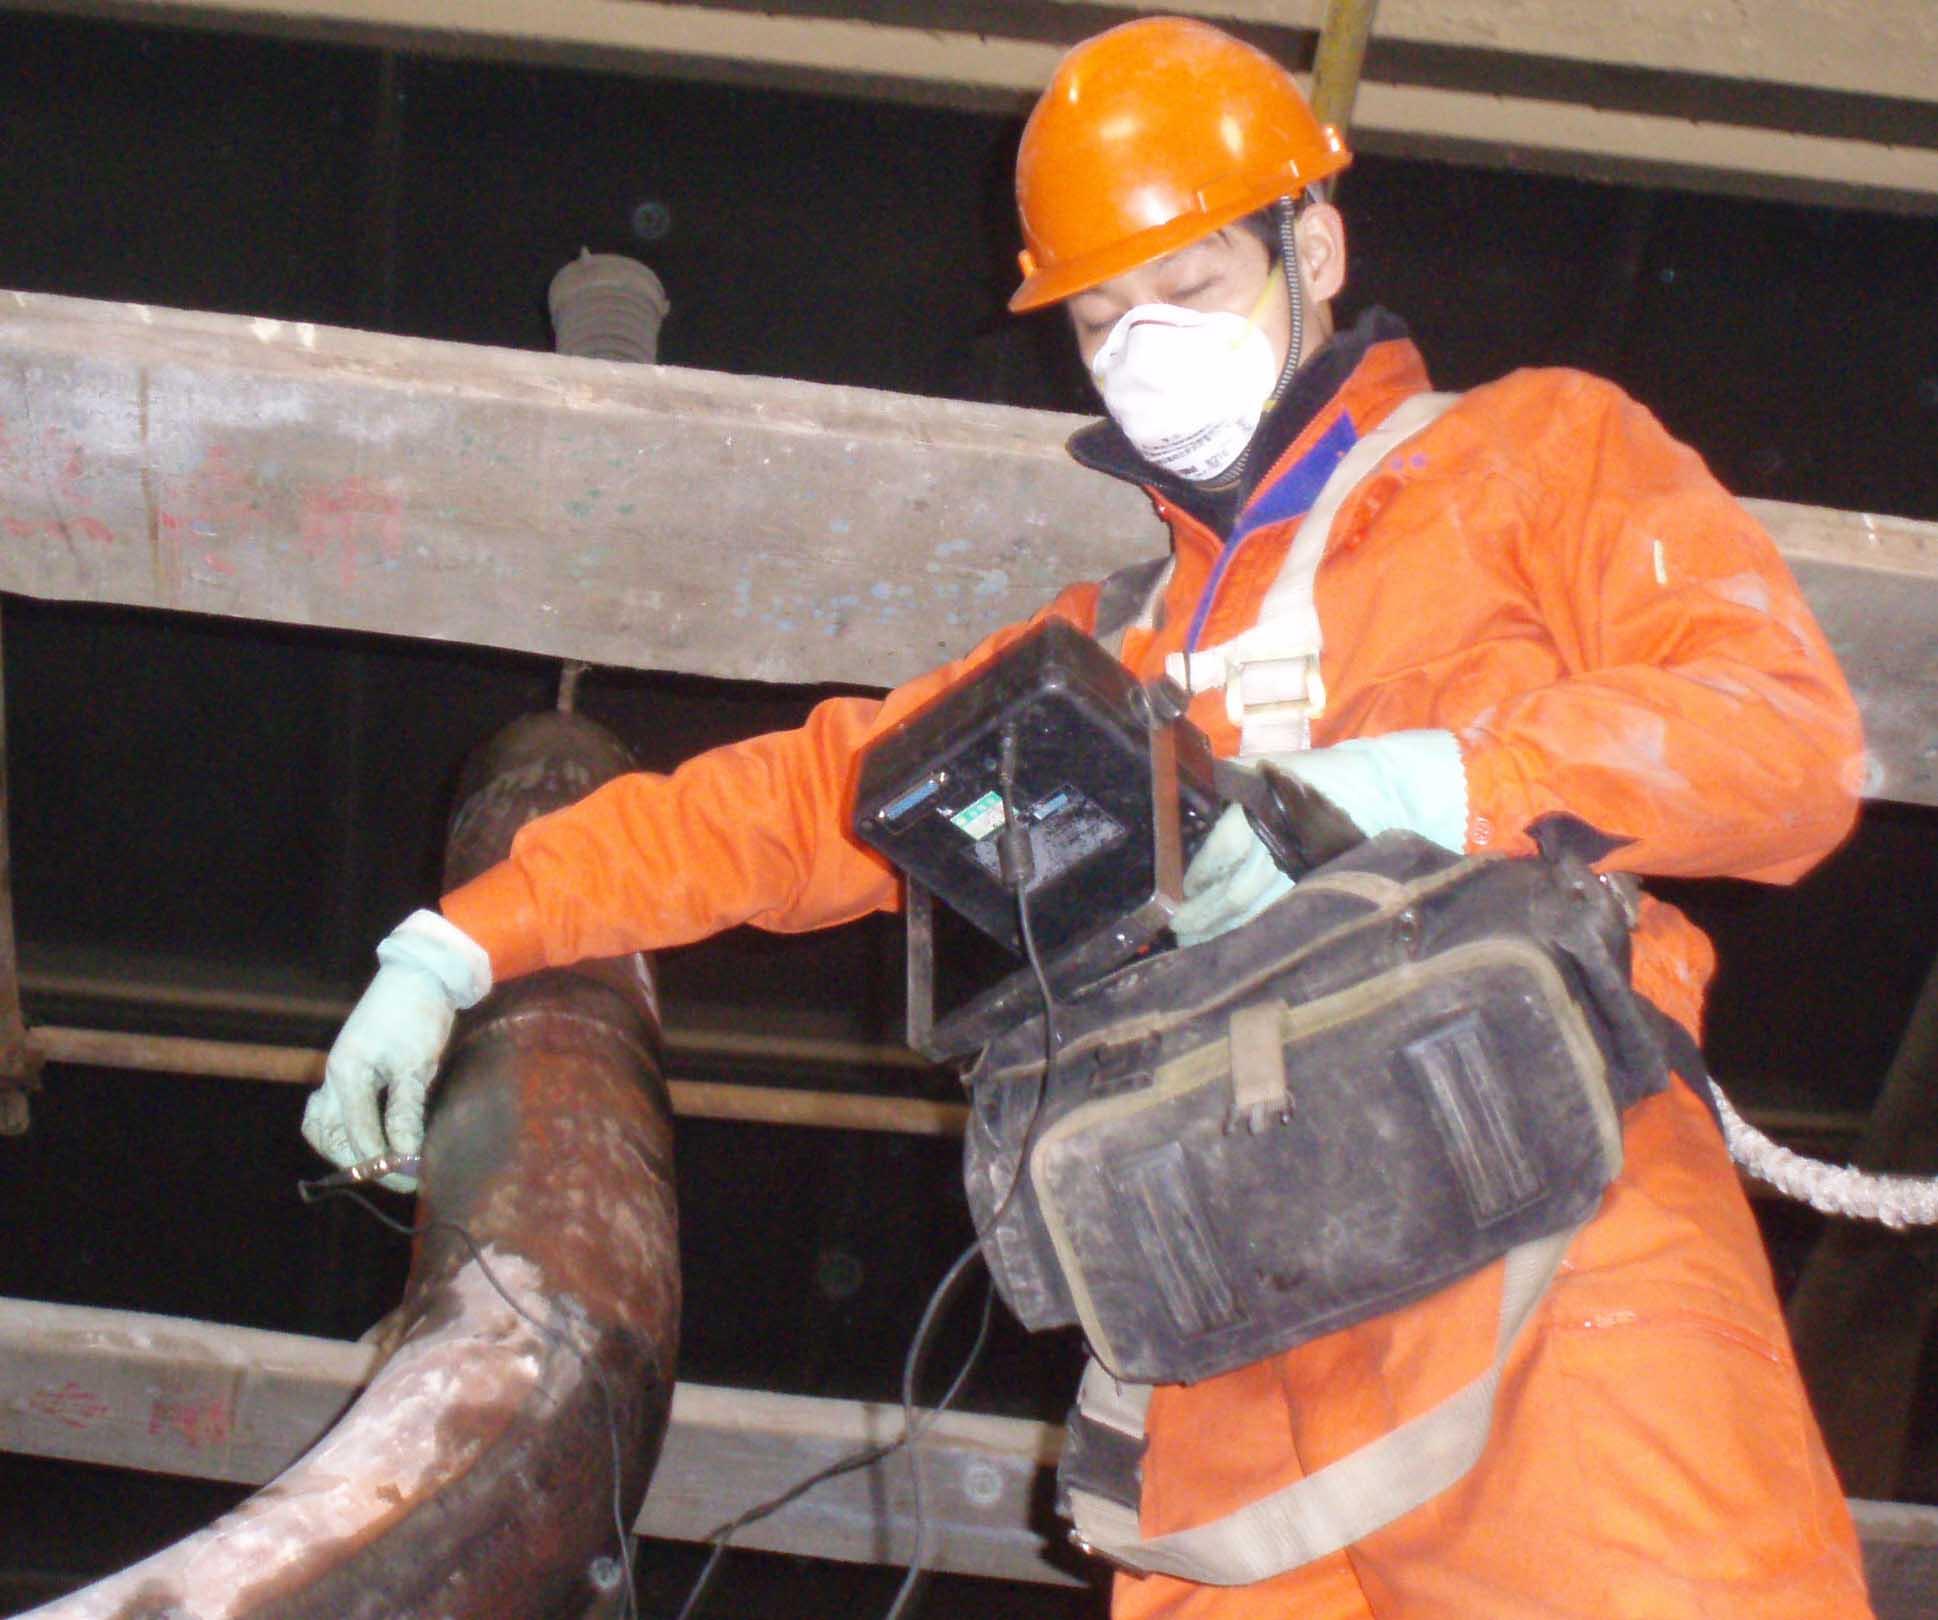 钢结构焊缝无损探伤 合作;; 焊缝渗透pt无损探伤检测; 慈溪超声波ut